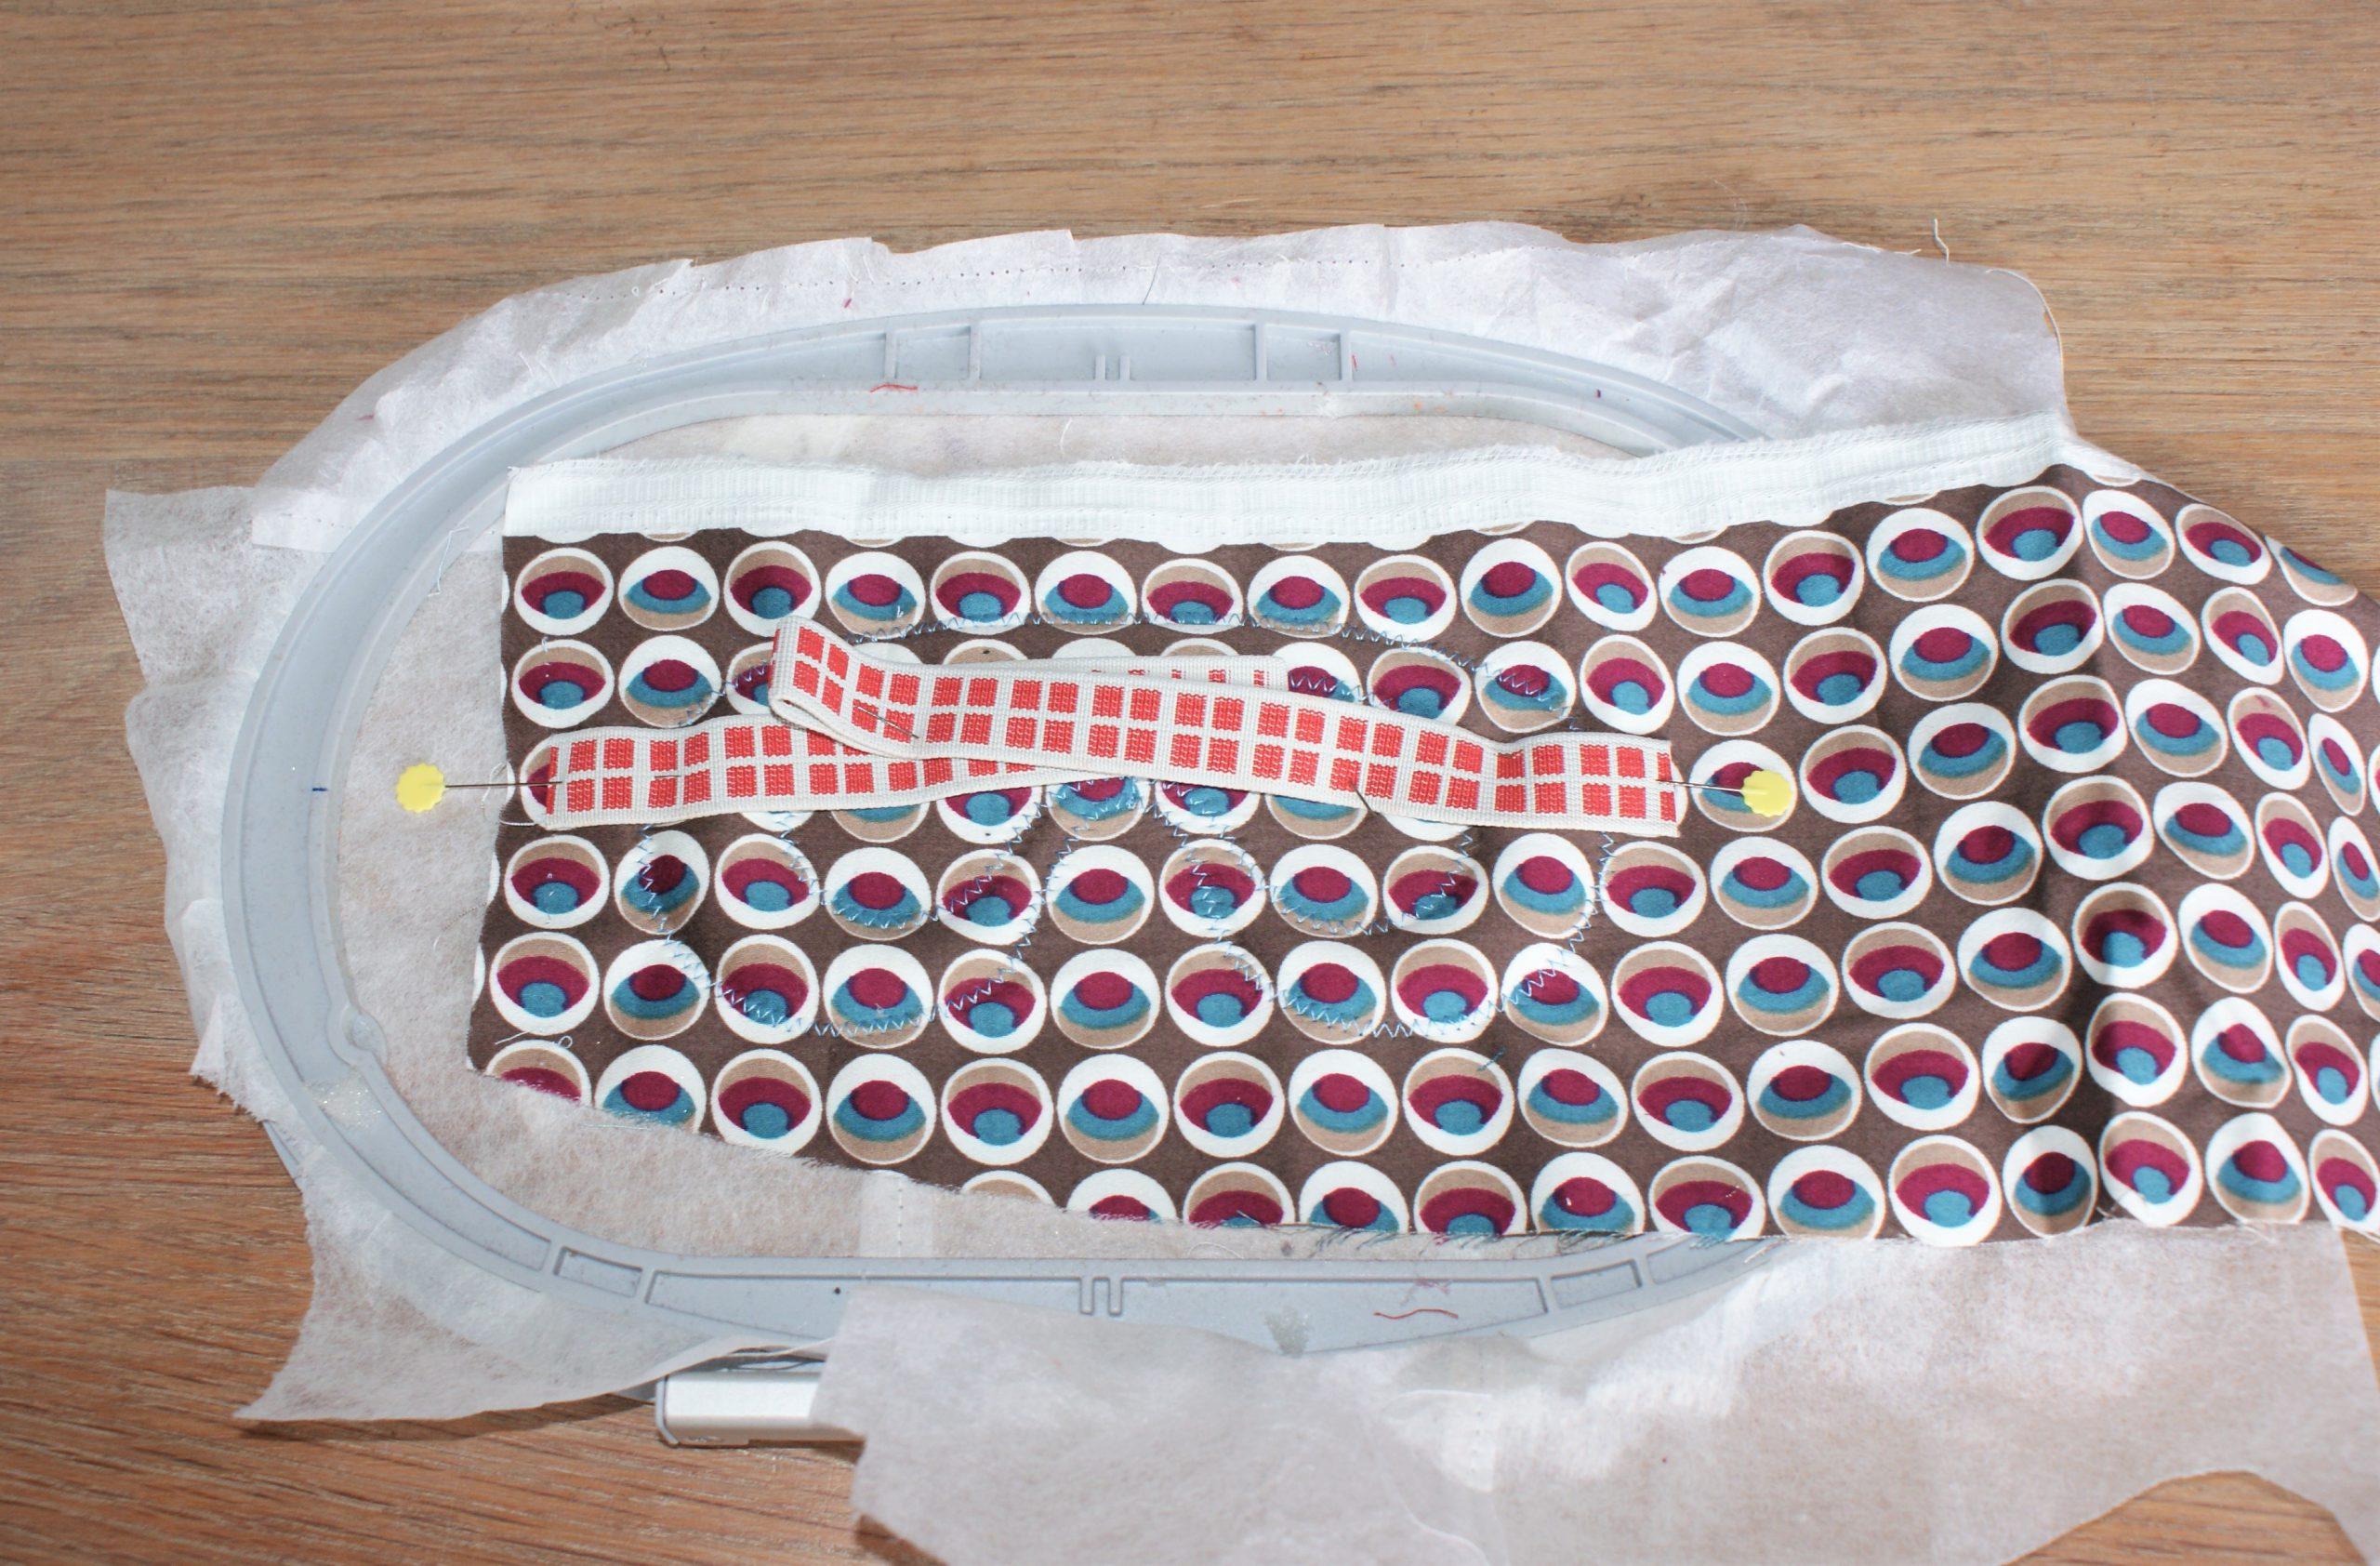 Plaats het elastiek voor het slaapmasker op de stof.